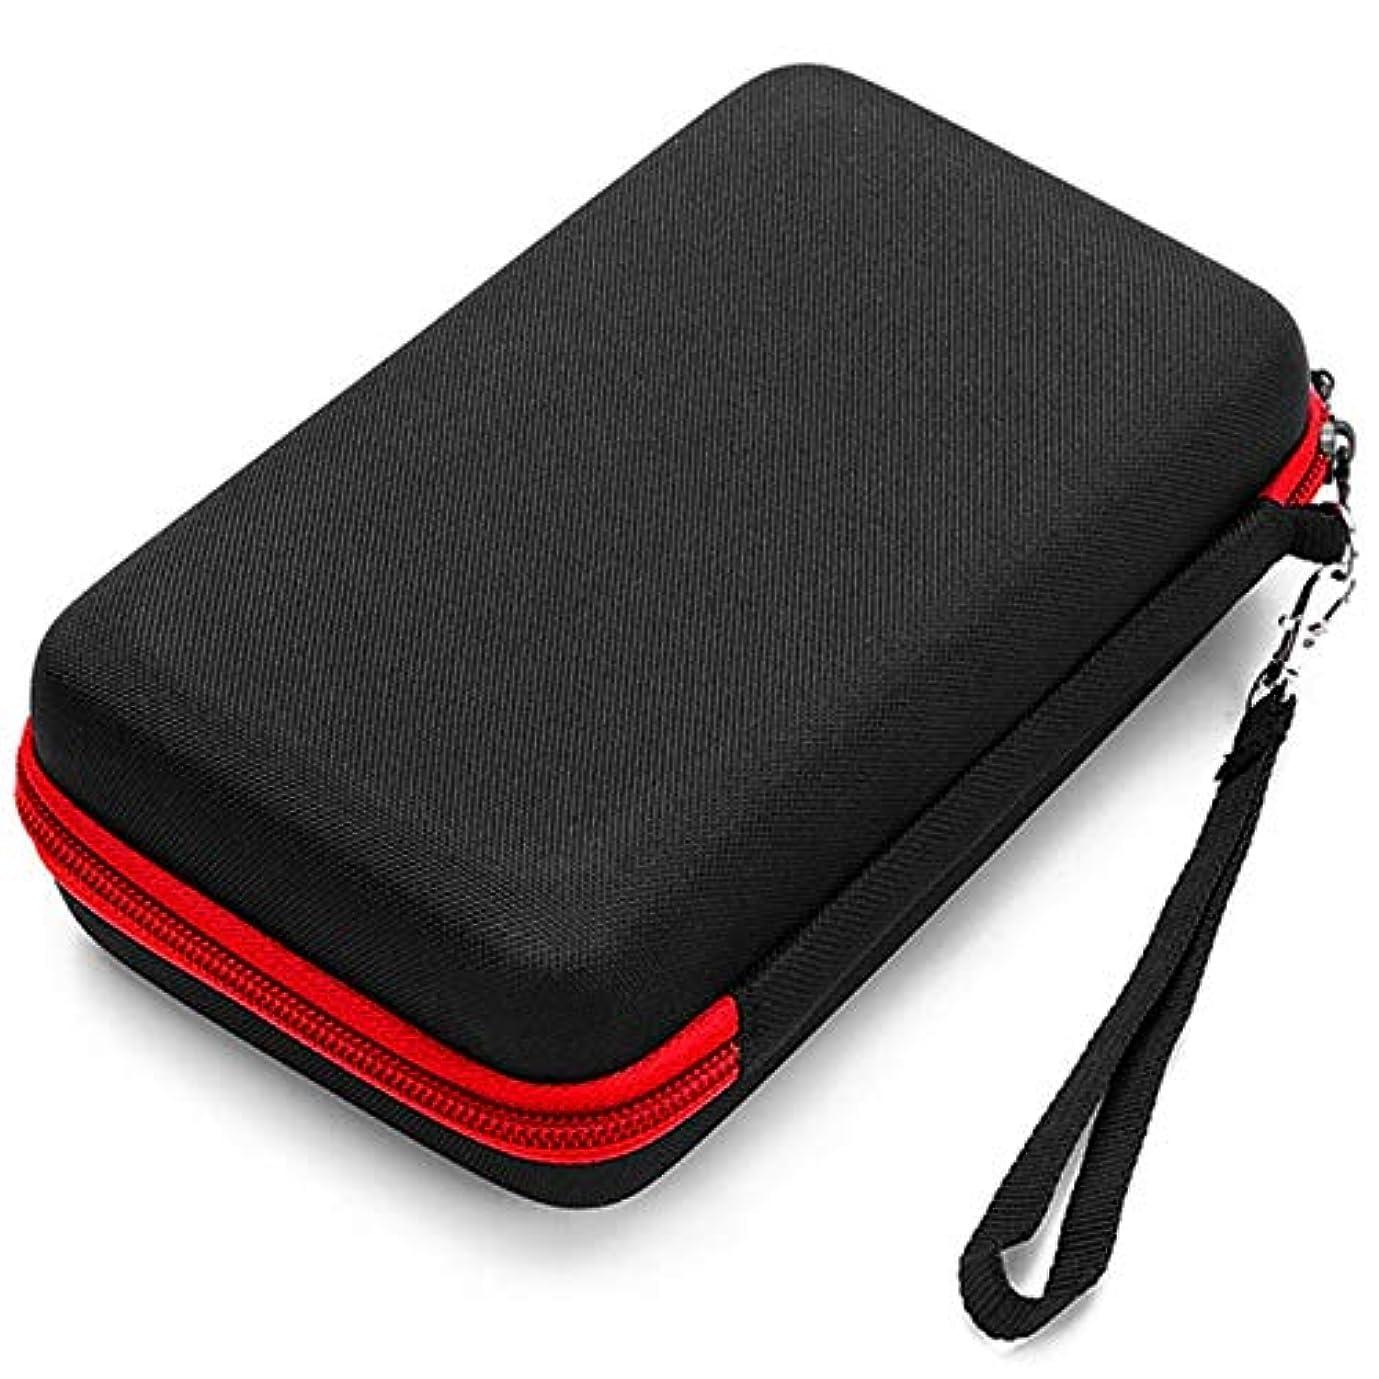 持続する書士おばあさんTOOGOO 赤色 ポータブル 旅行エヴァ電気シェーバートリマー収納ケースバッグボックスオーガナイザー Norelco Onebladeの場合